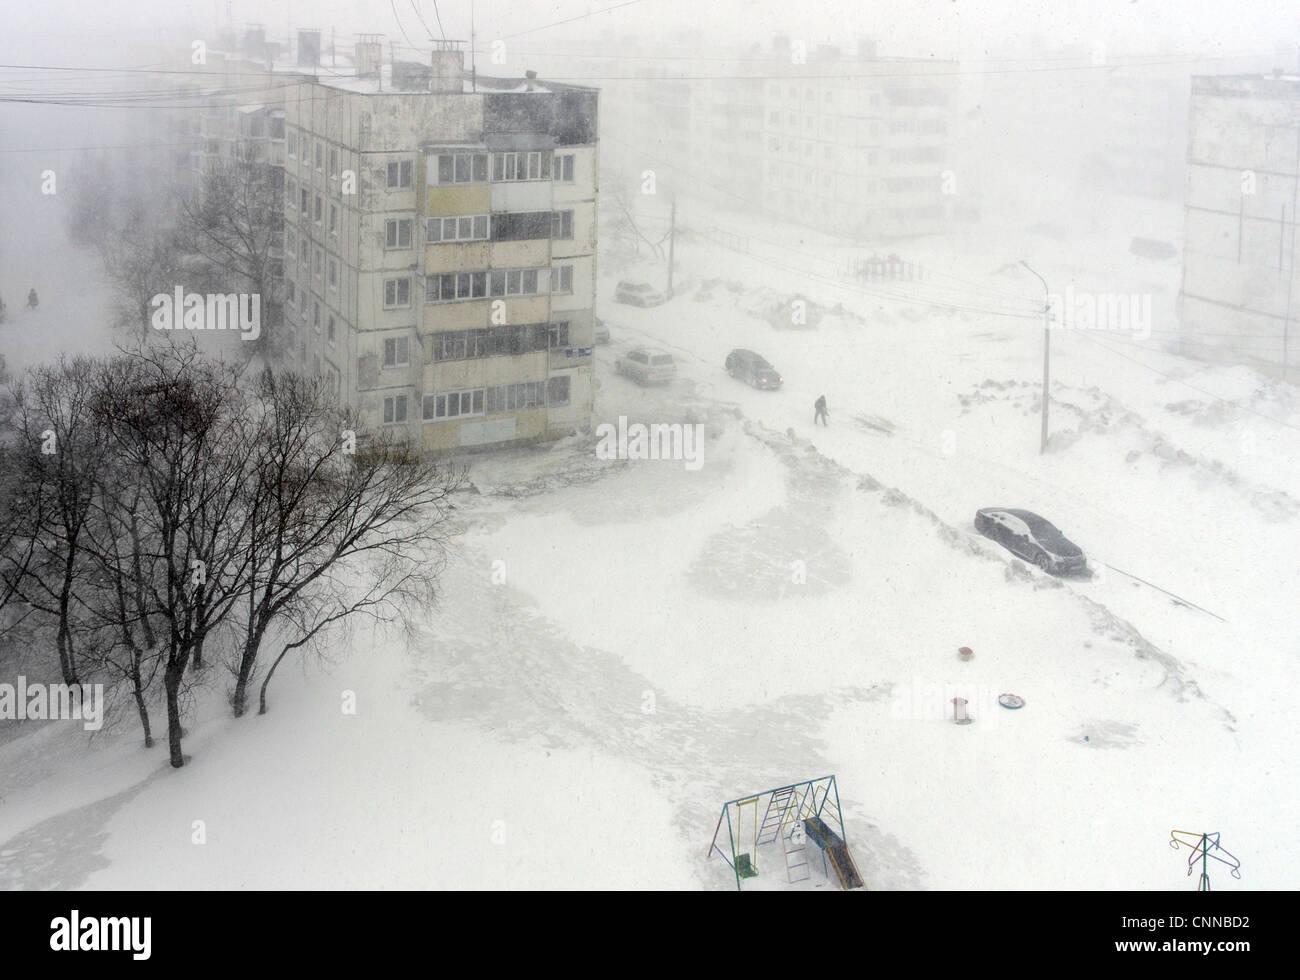 L'hiver. Blizzard de neige en Russie, Sakhaline, Yuzhno-Sakhalinsk. une faible visibilité, Snowdrift. Routes et rues couvertes de neige Banque D'Images